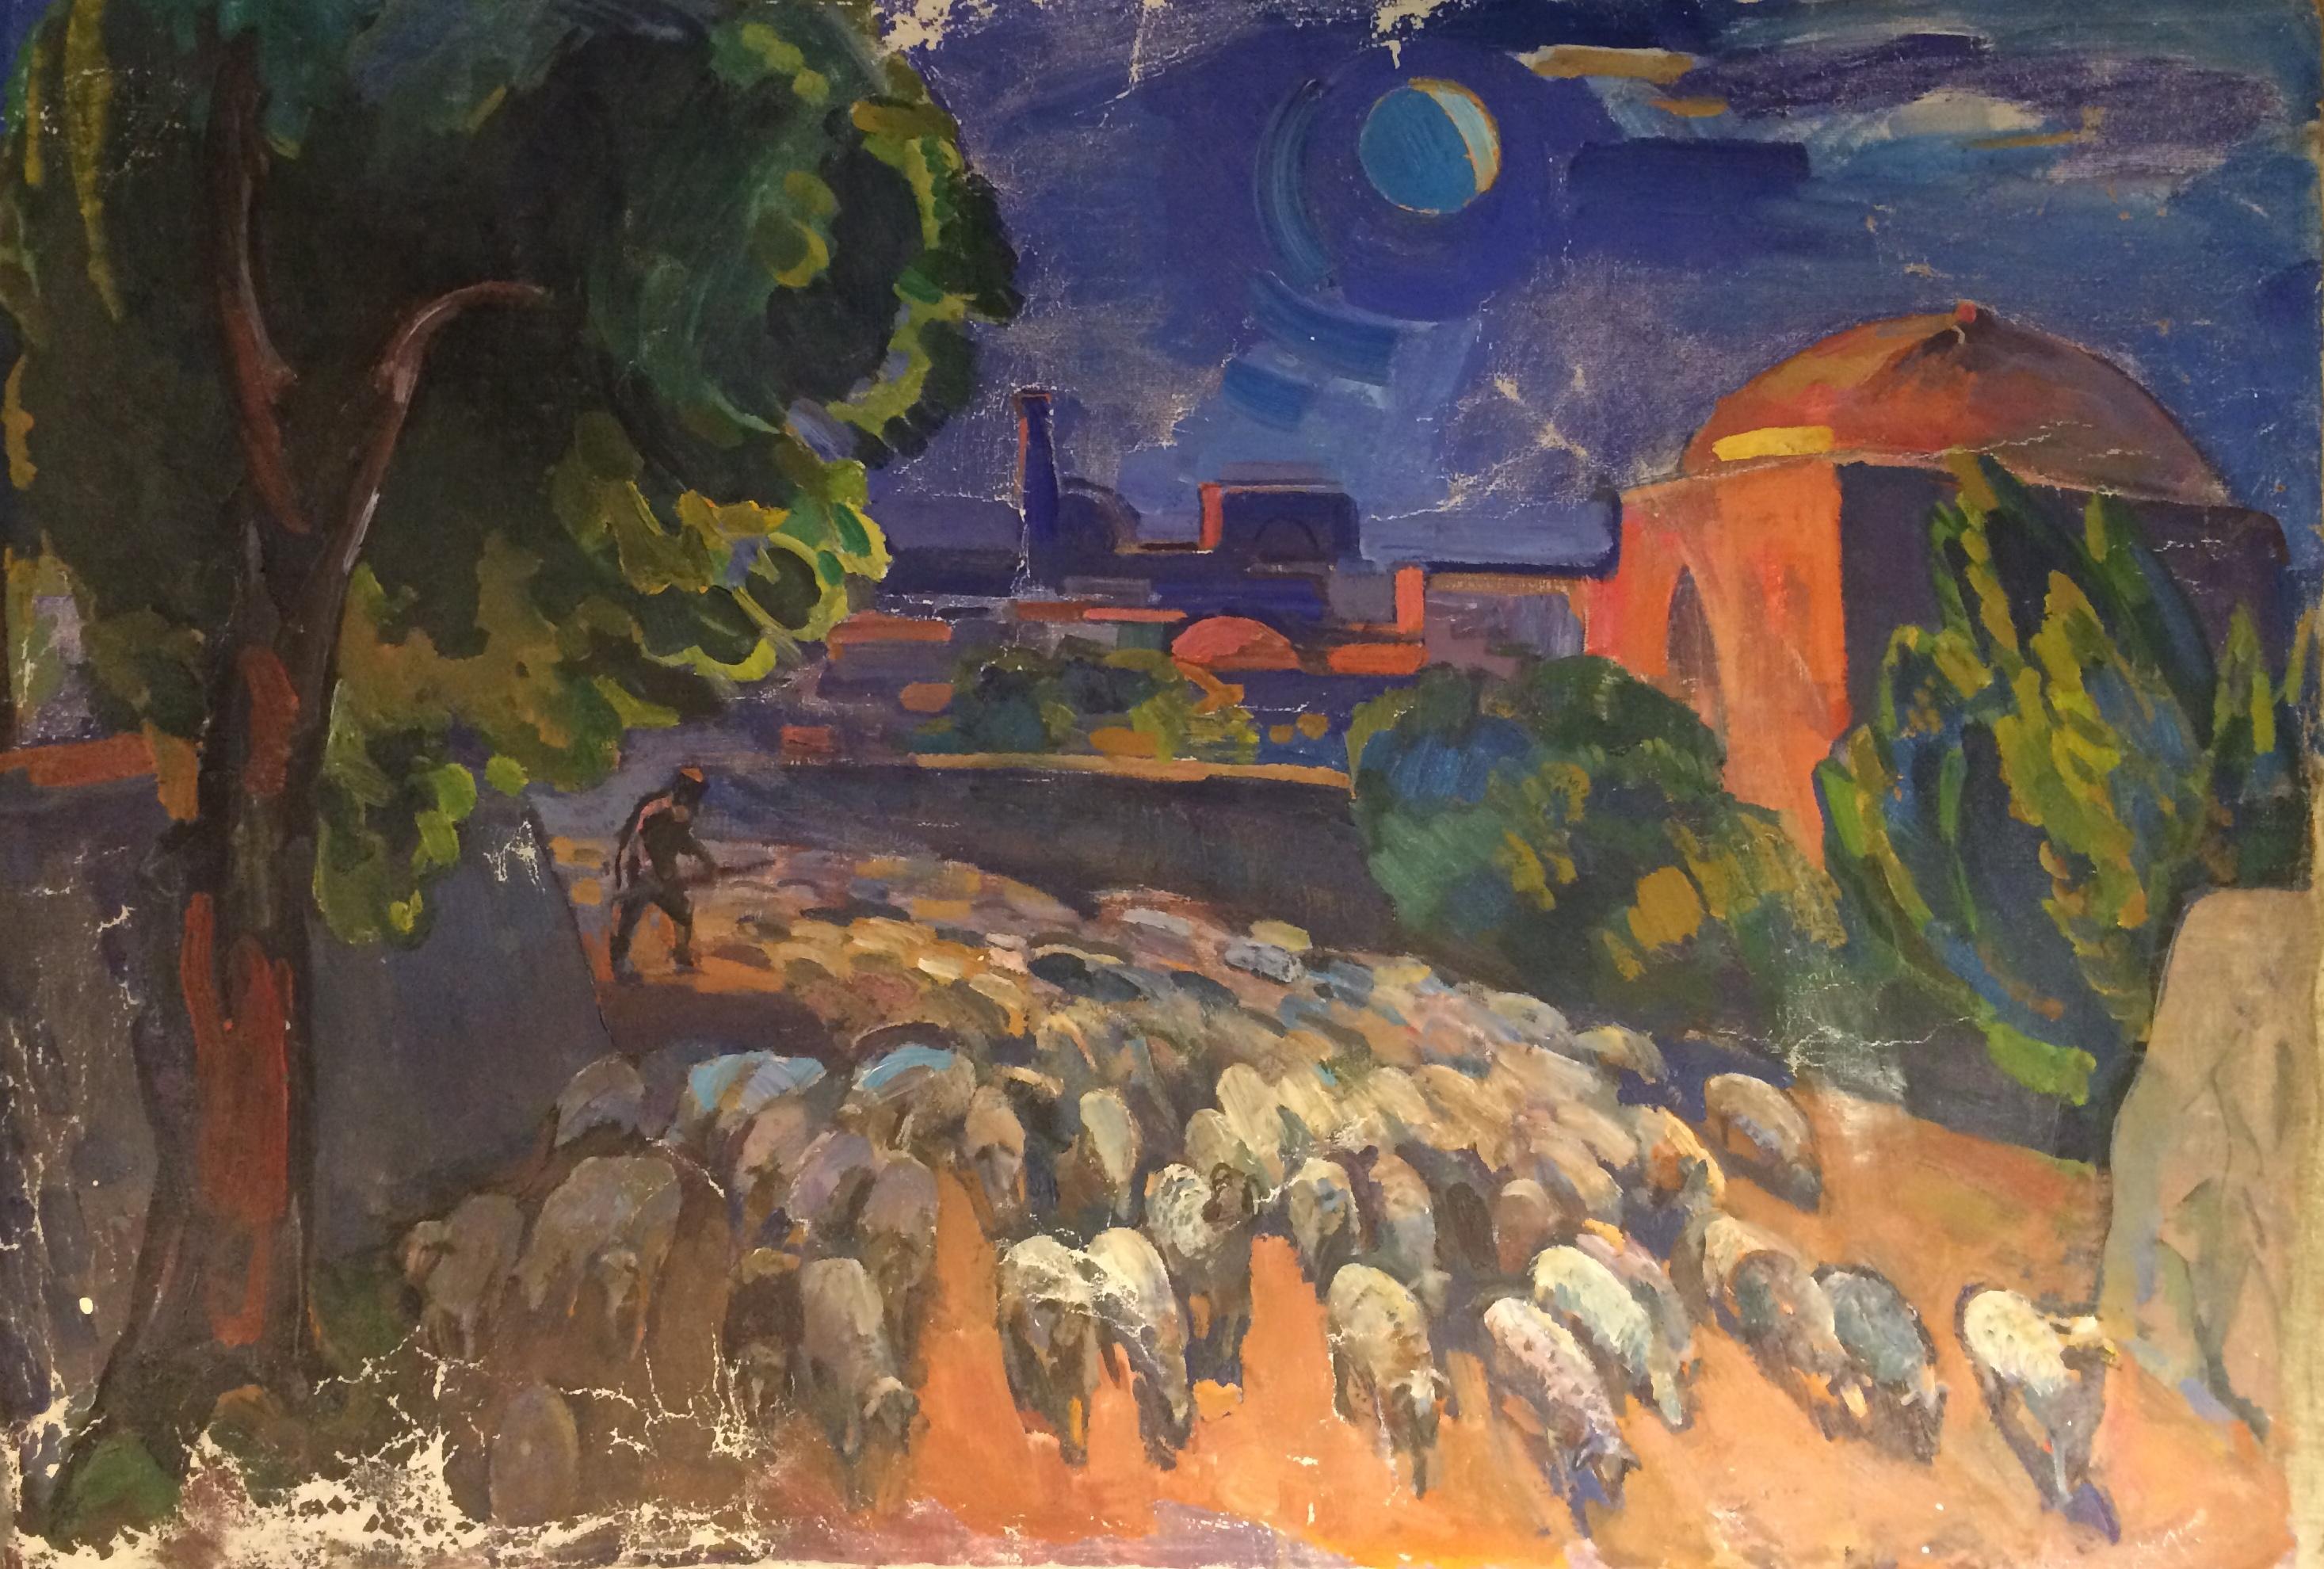 Васин Виктор Федорович. Средняя Азия. Пейзаж со стадом овец.